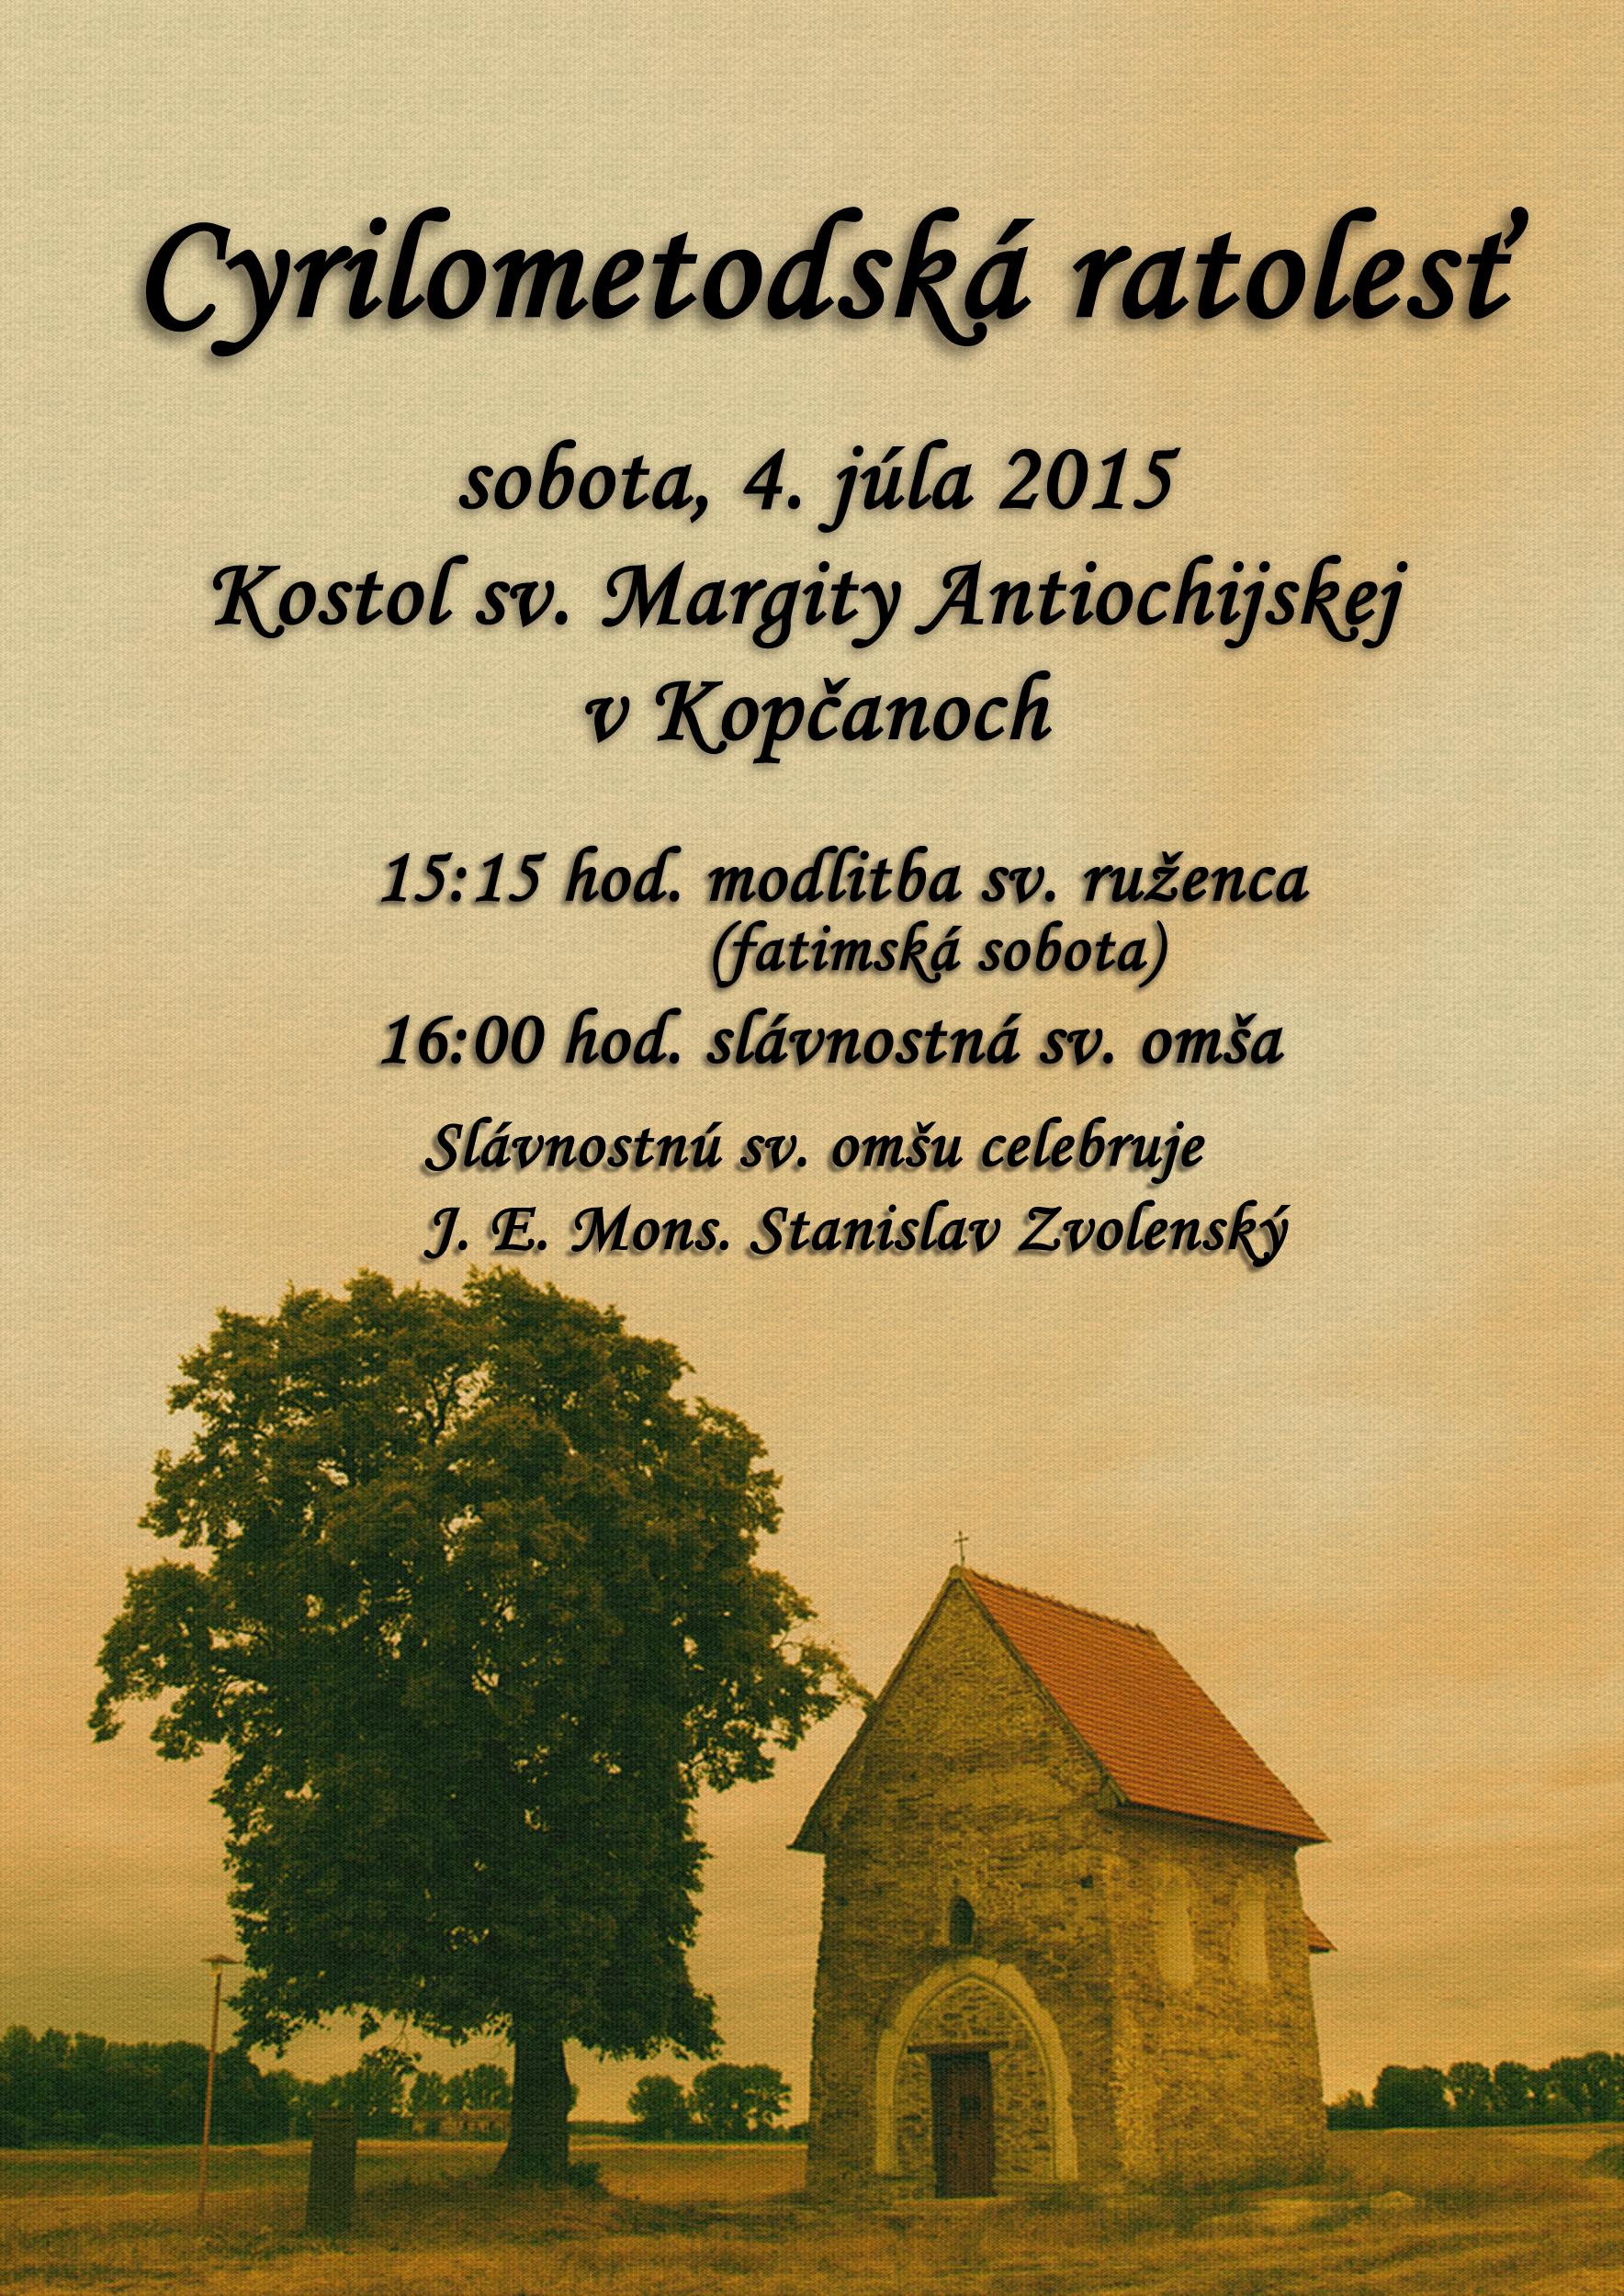 Ratolesť-2015